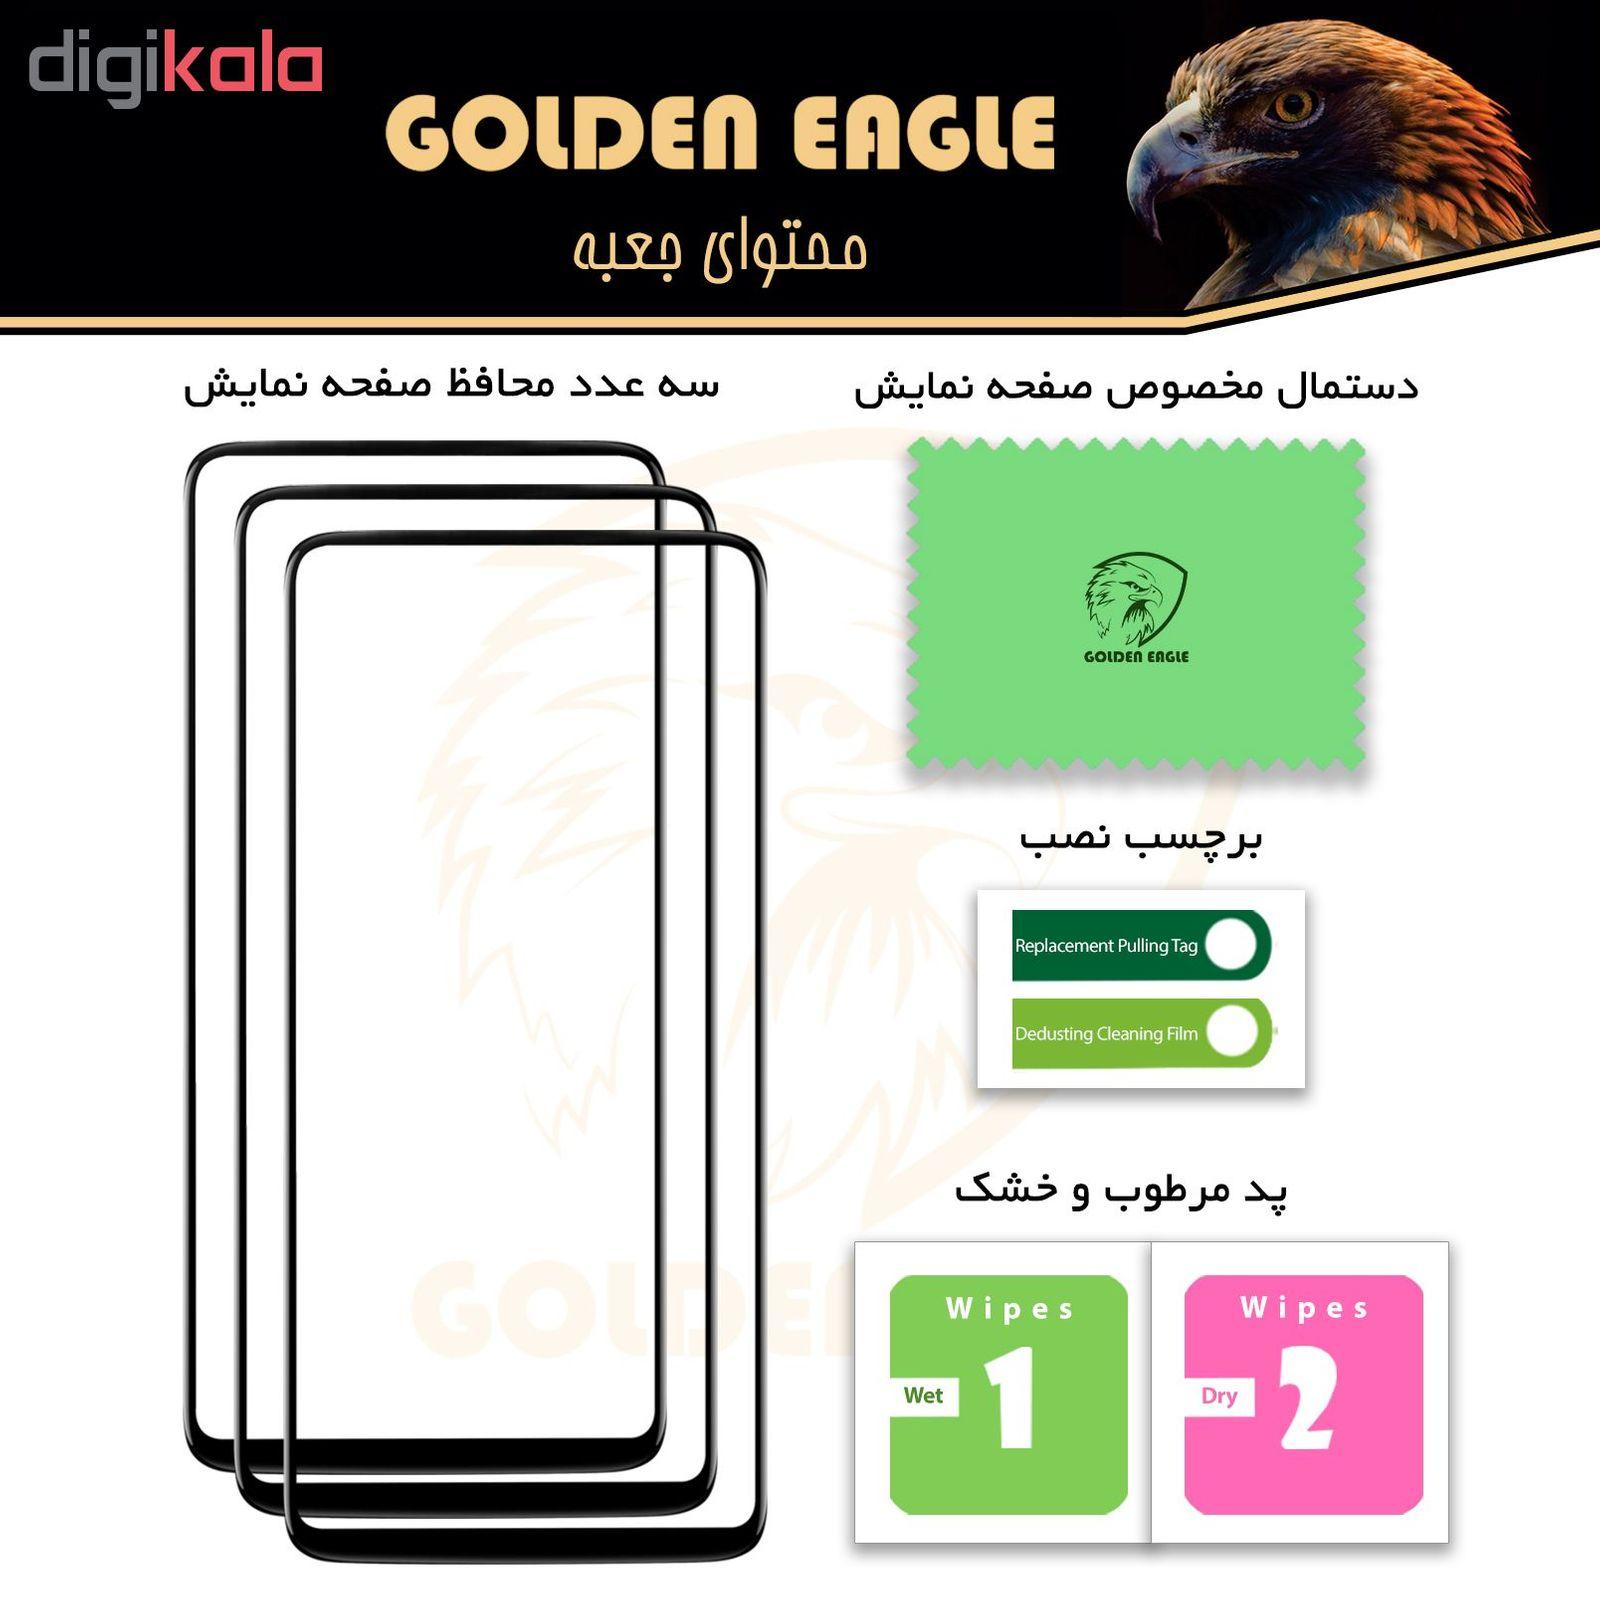 محافظ صفحه نمایش گلدن ایگل مدل GLC-X3 مناسب برای گوشی موبایل سامسونگ Galaxy M30 بسته سه عددی main 1 2